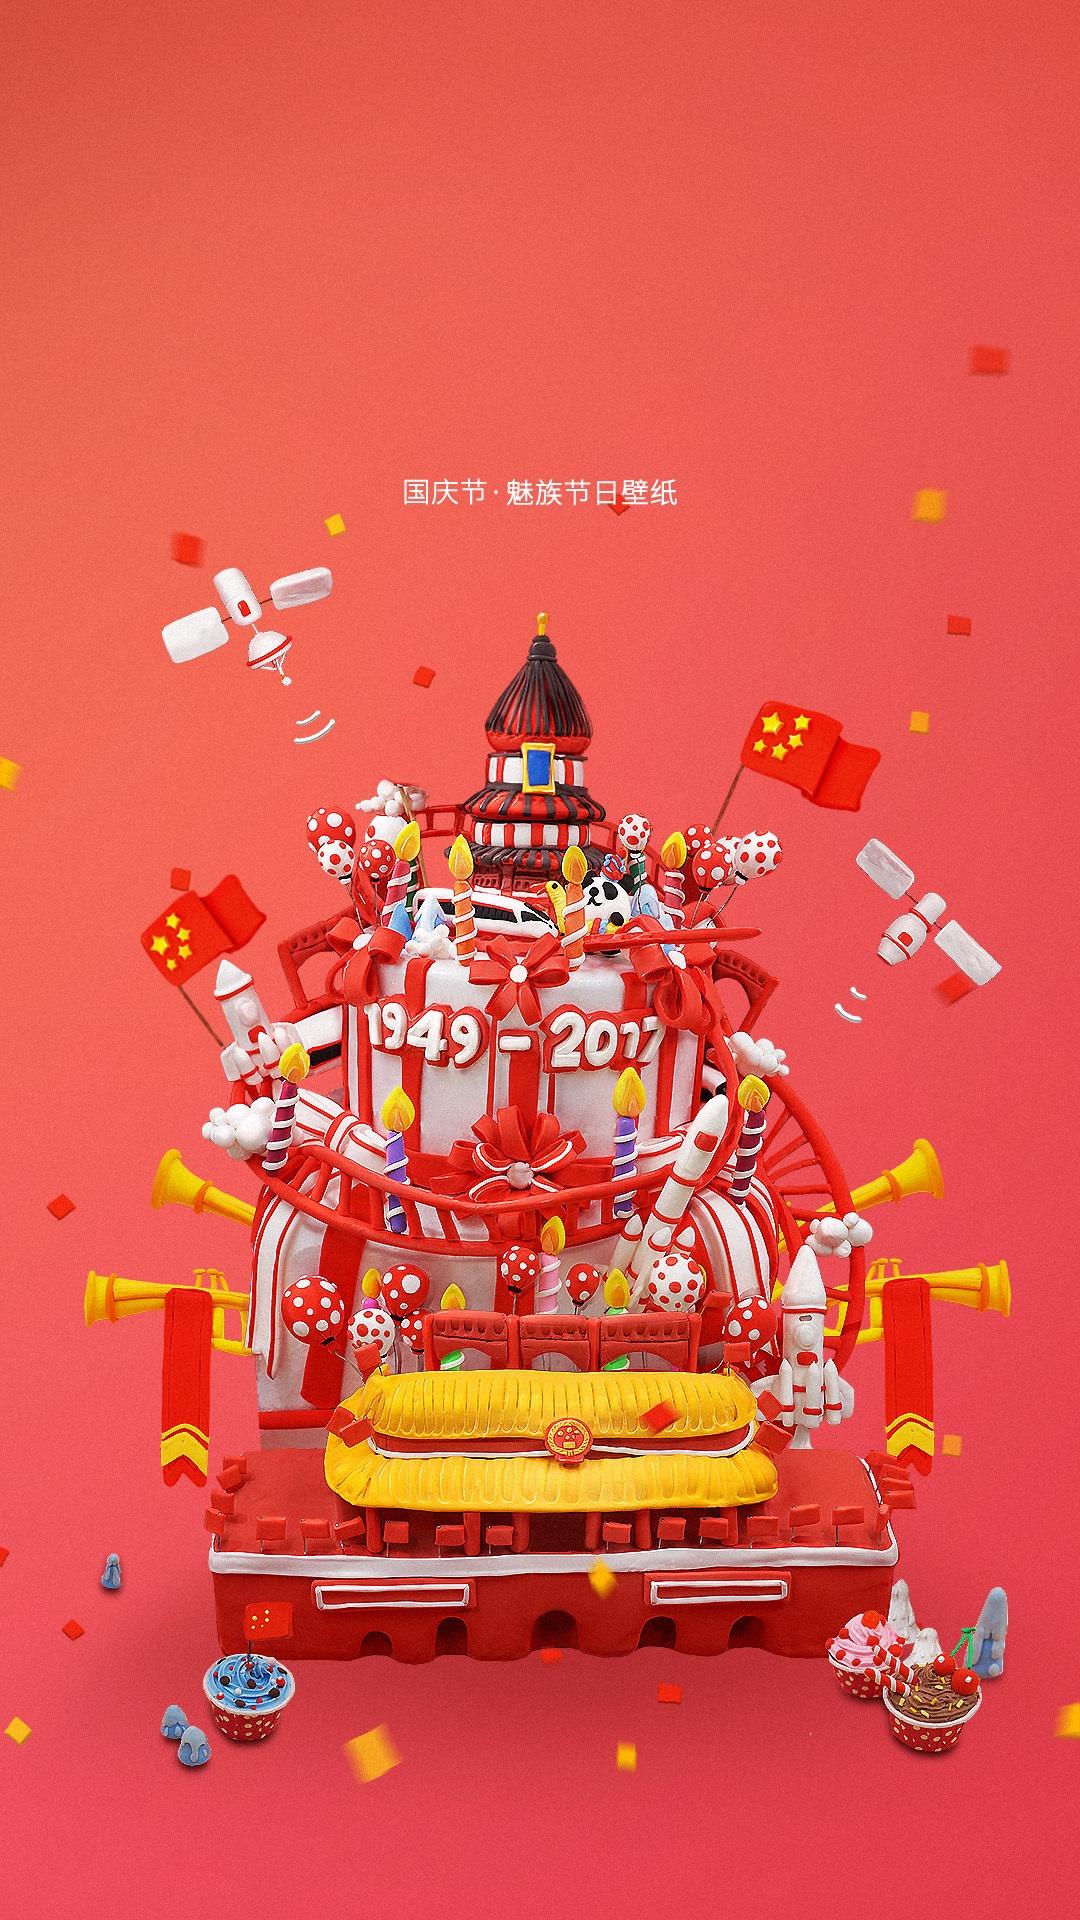 「資源組」國慶節·魅族節日壁紙-主題壁紙-flyme社區